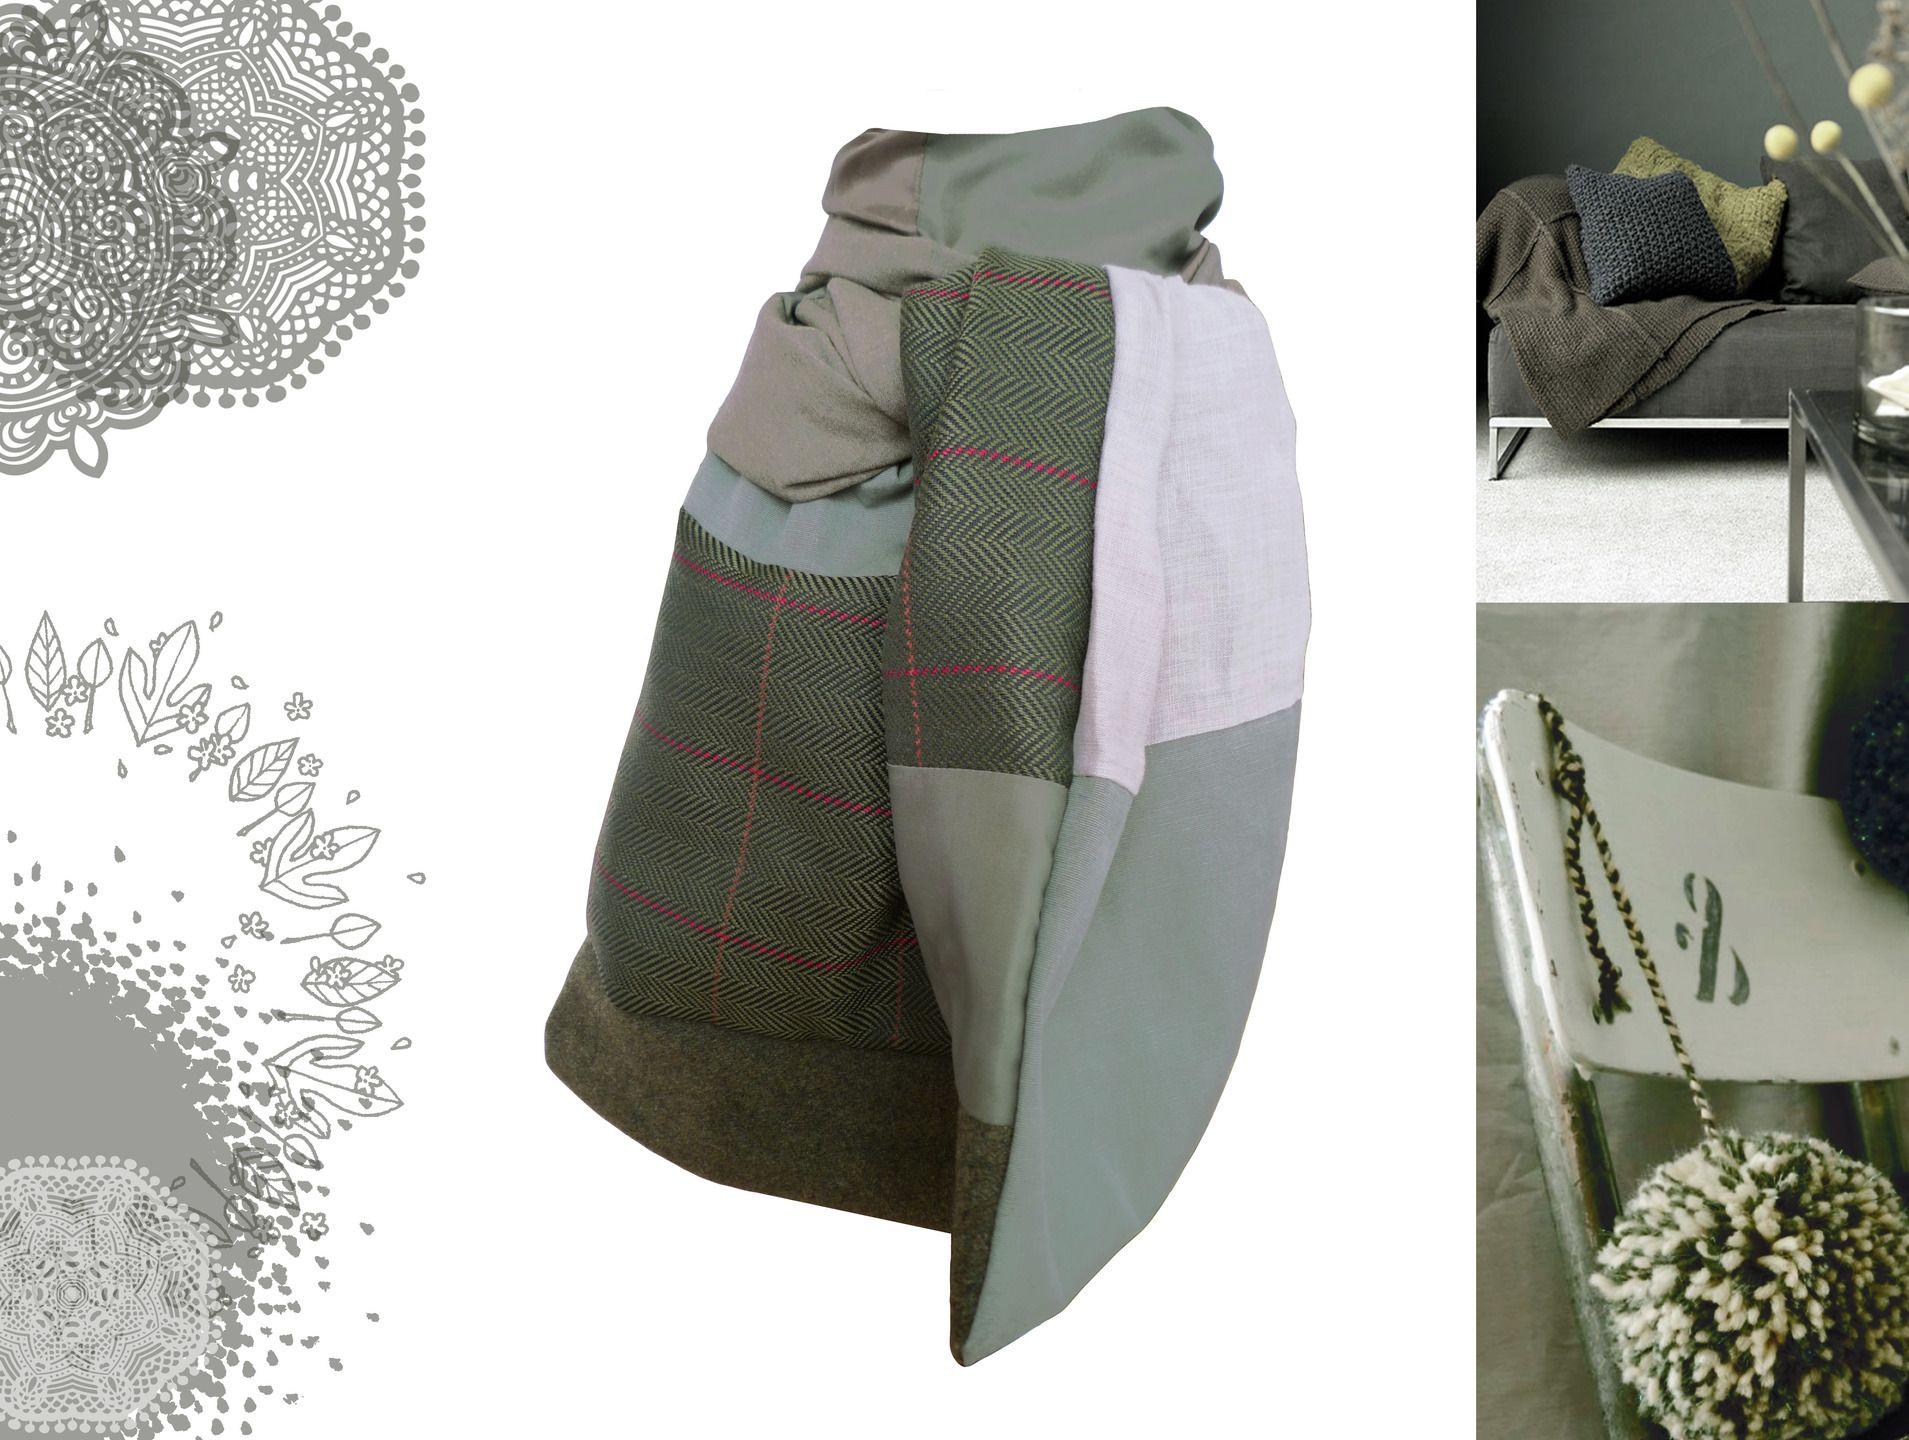 Echarpe foulard étole accessoires de mode pour homme kaki marron créateur modèle unique : Echarpes par lefil